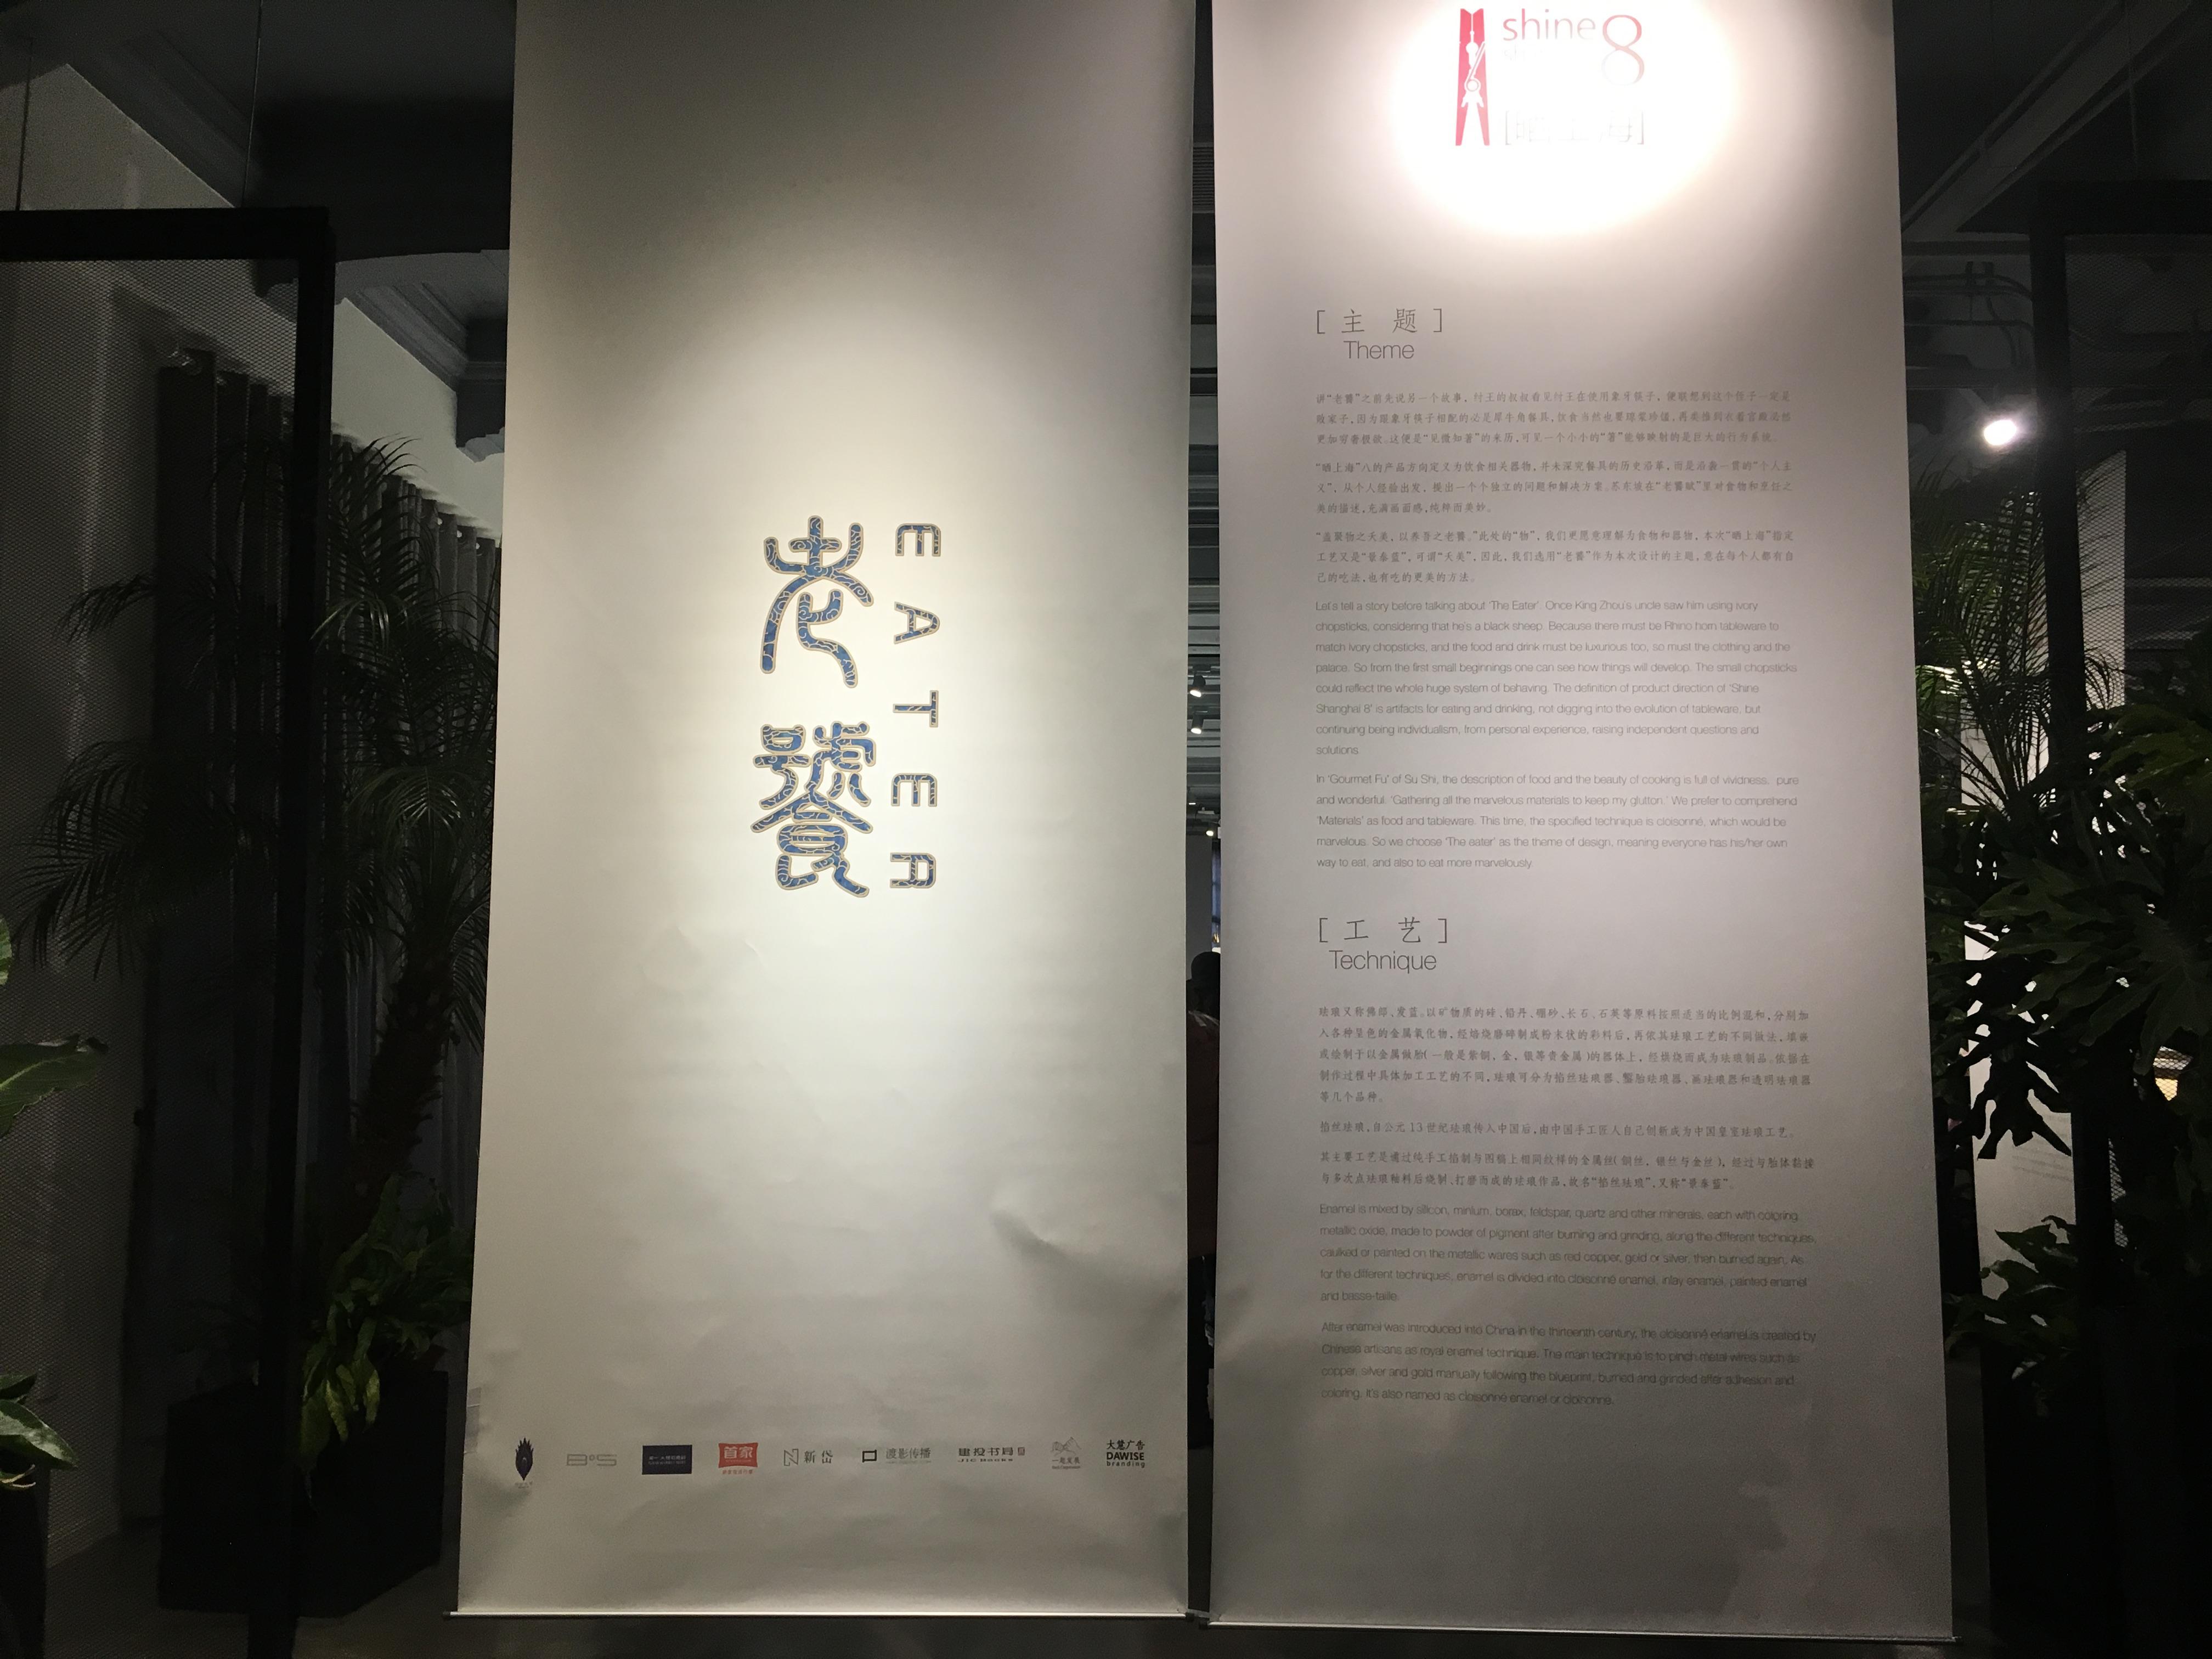 晒上海8 |贪吃是一种美德,他们也说是!